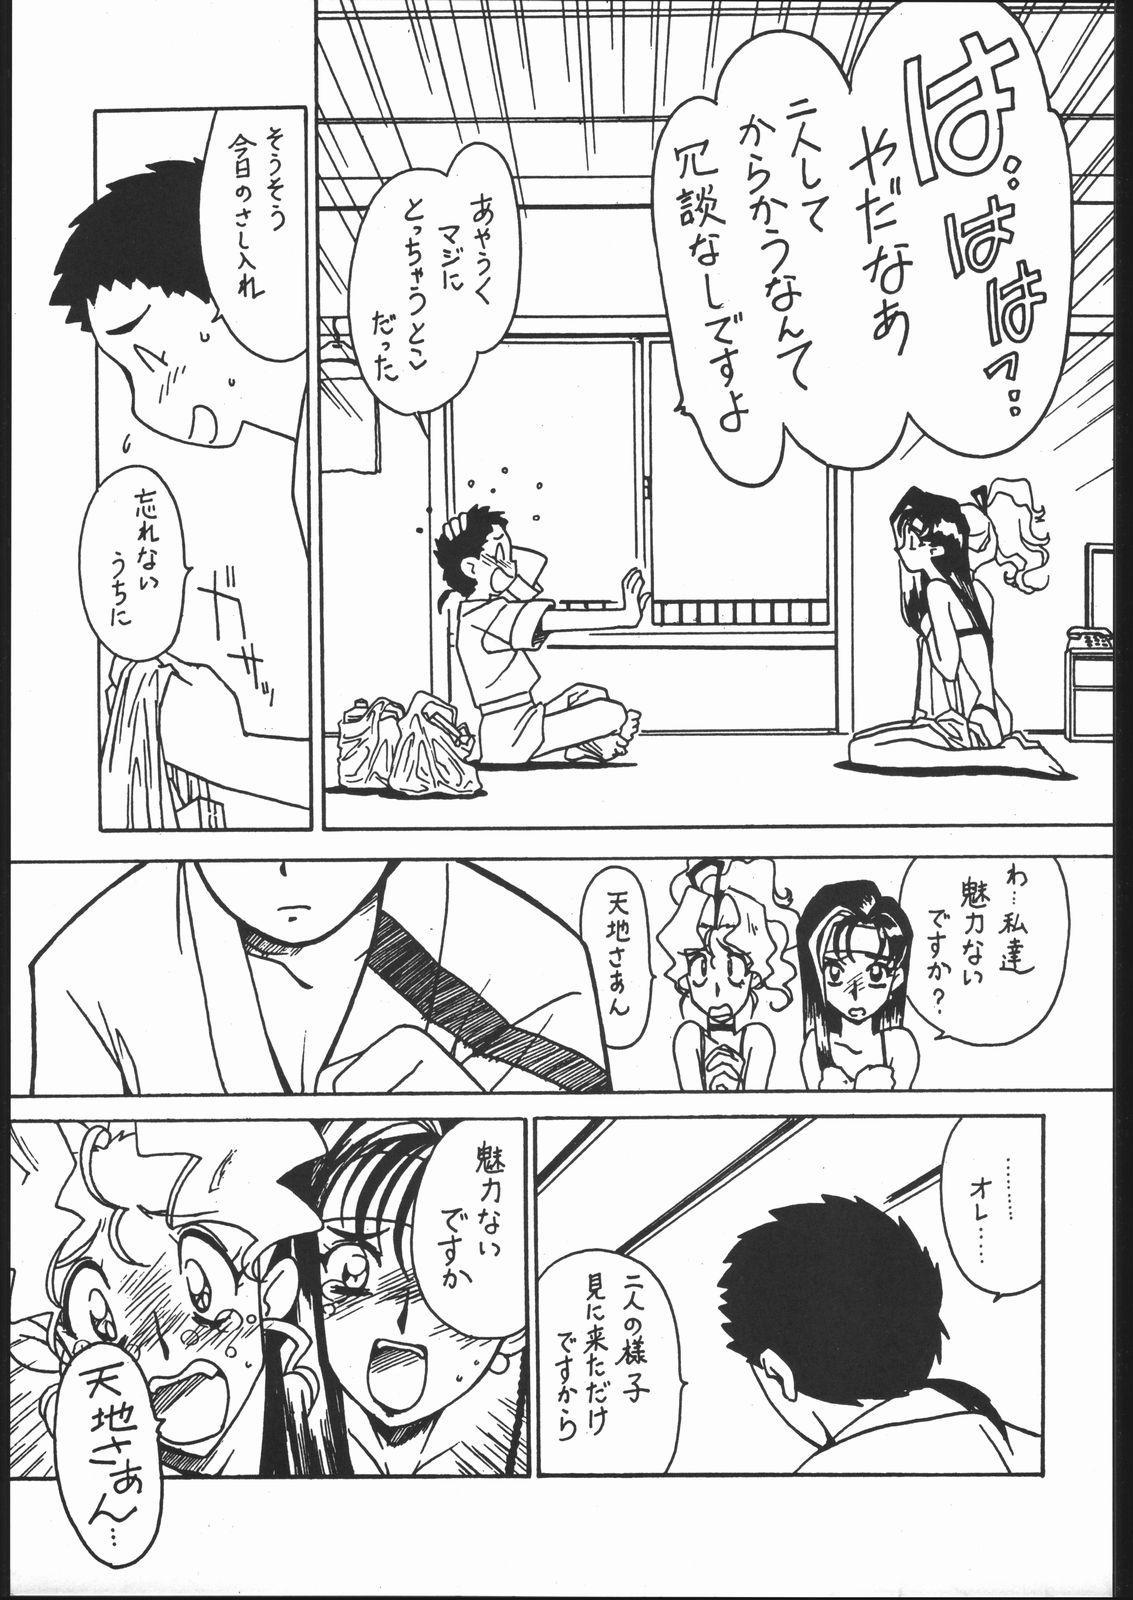 Kyouakuteki Shidou Vol. 11 Junbigou Version 2 3